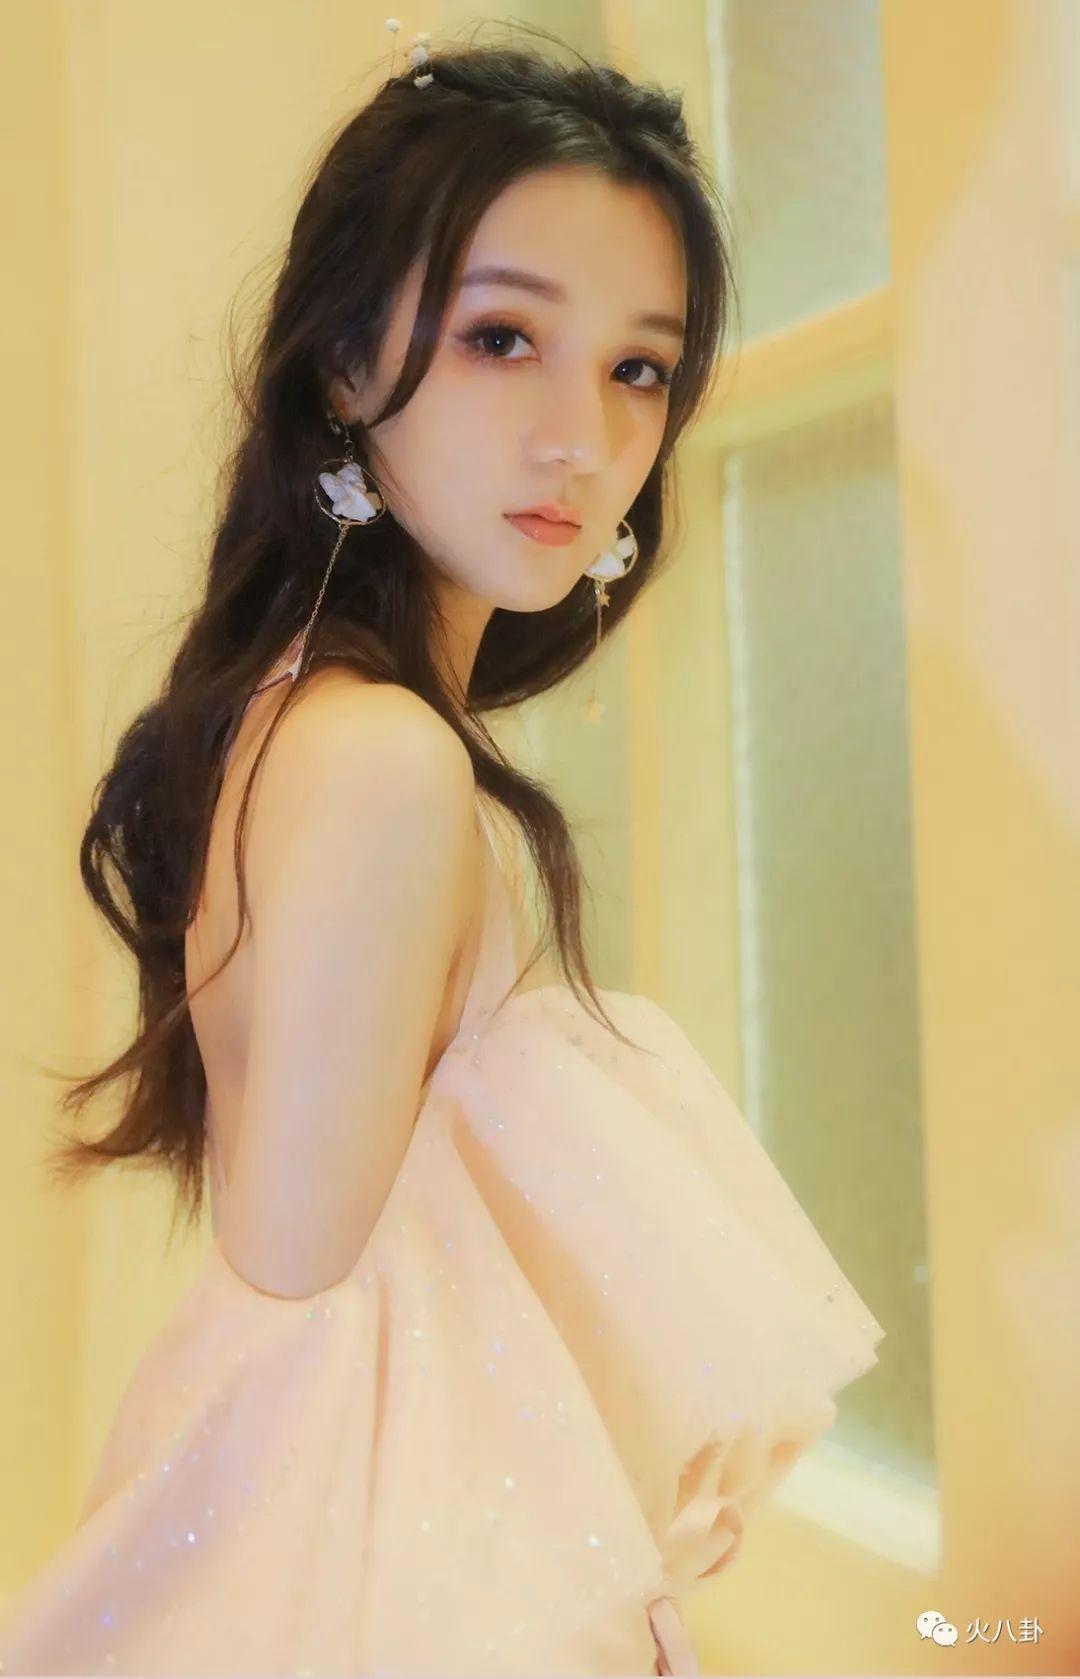 新晋小花景瓷亮相中国国际时装周,清纯灵动展现粉红少女心!